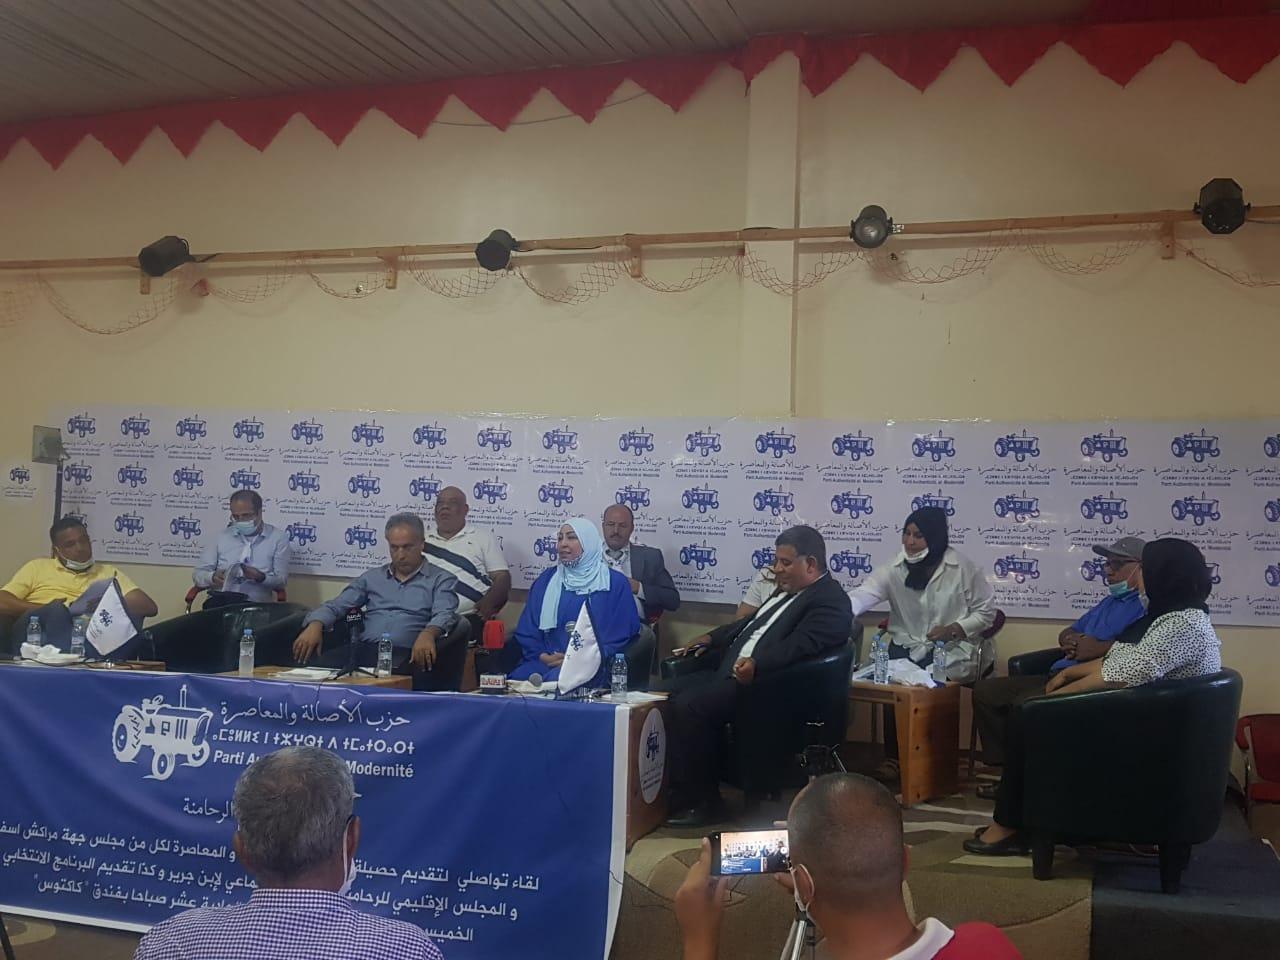 سمير كوادر... حصيلة مجلس  جهة مراكش آسفي مشجعة والرحامنة استفادت من حصة الأسد